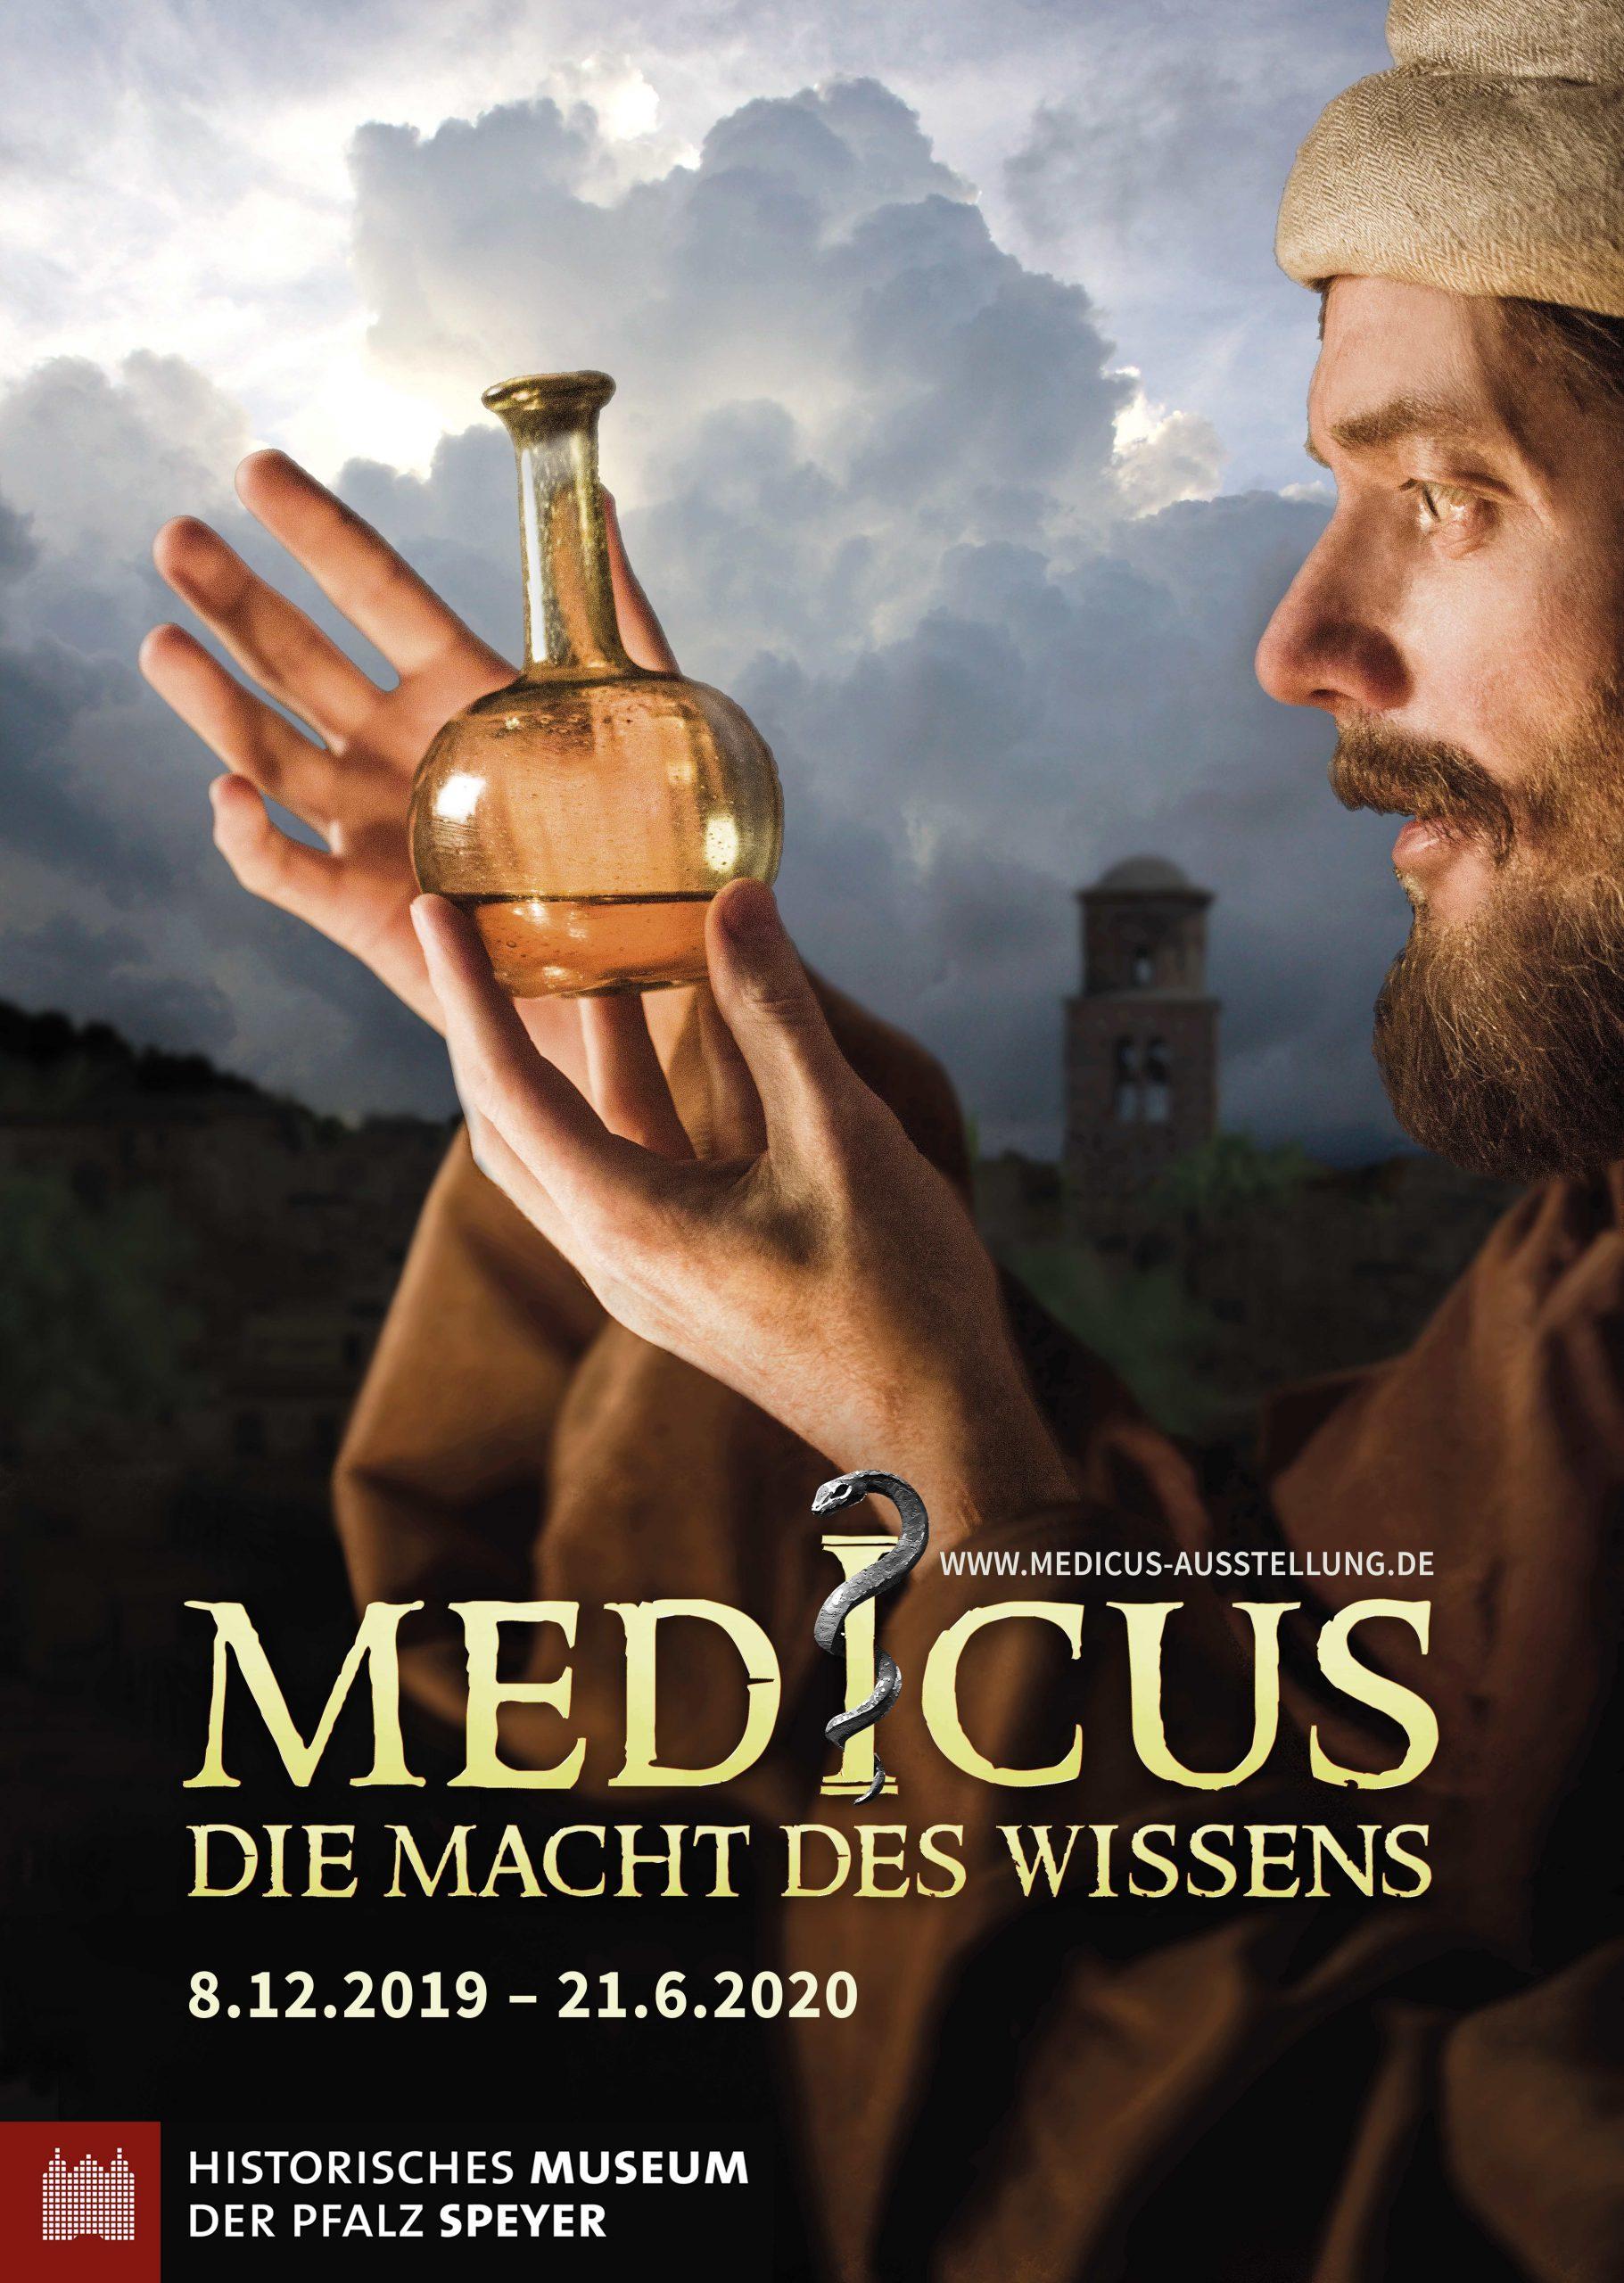 Blutspende und Typisierung im Historischen Museum der Pfalz, Speyer